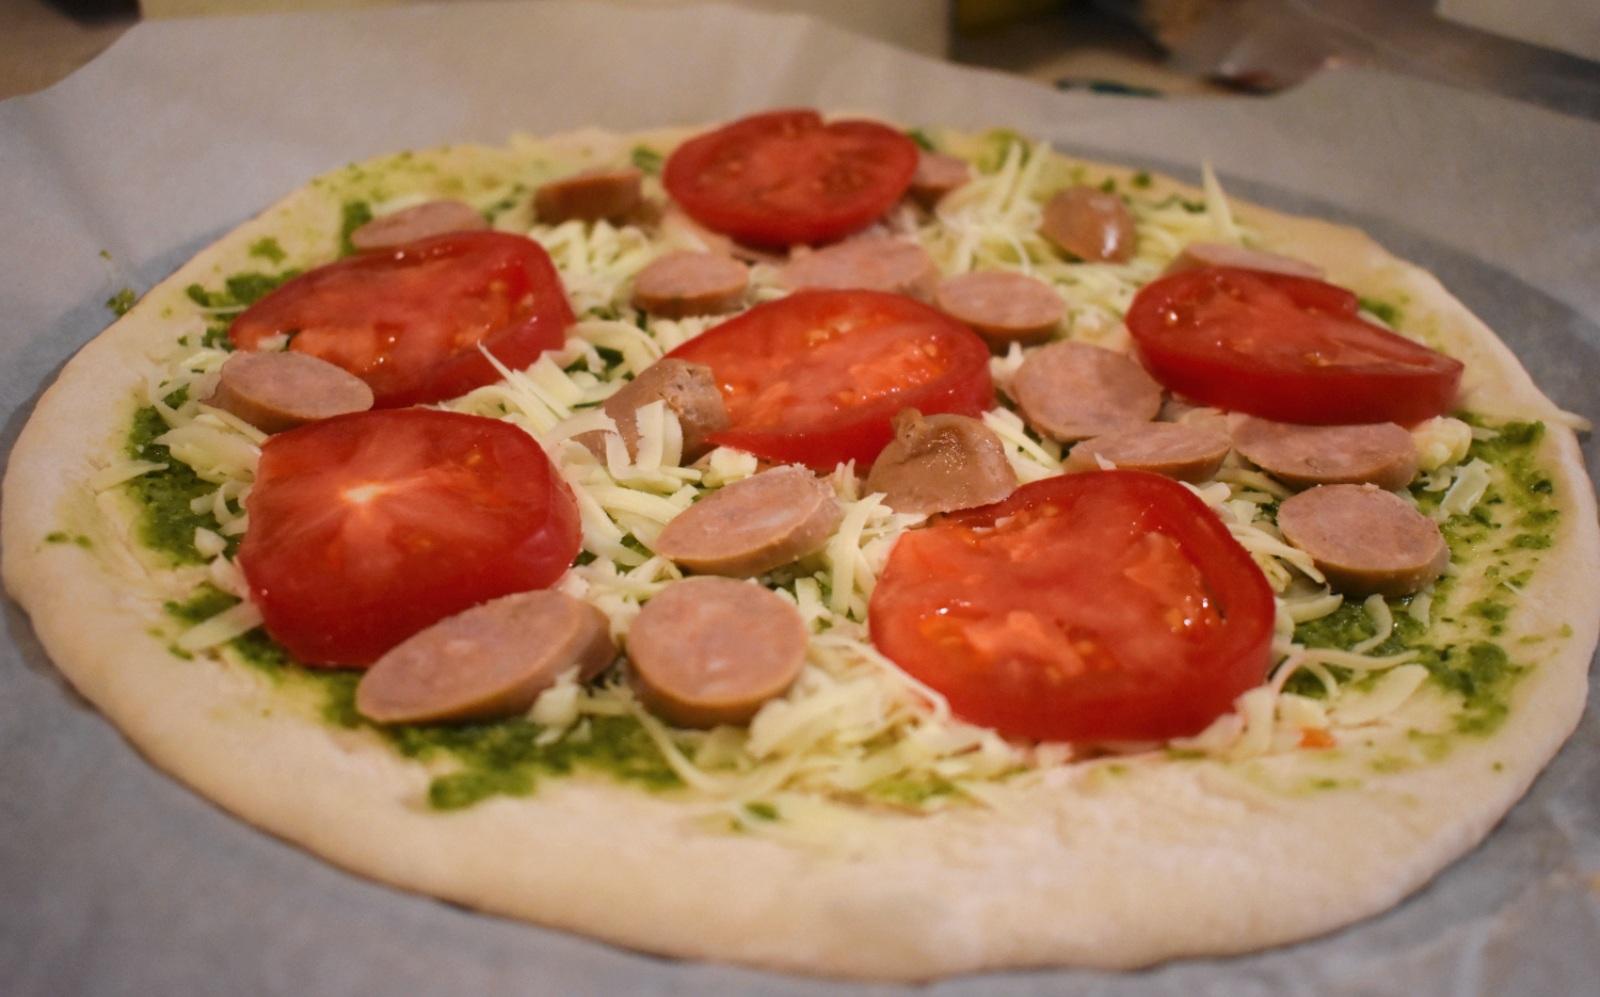 Pâte à pizza prête en 5 minutes - Auboutdelalangue.com (6)